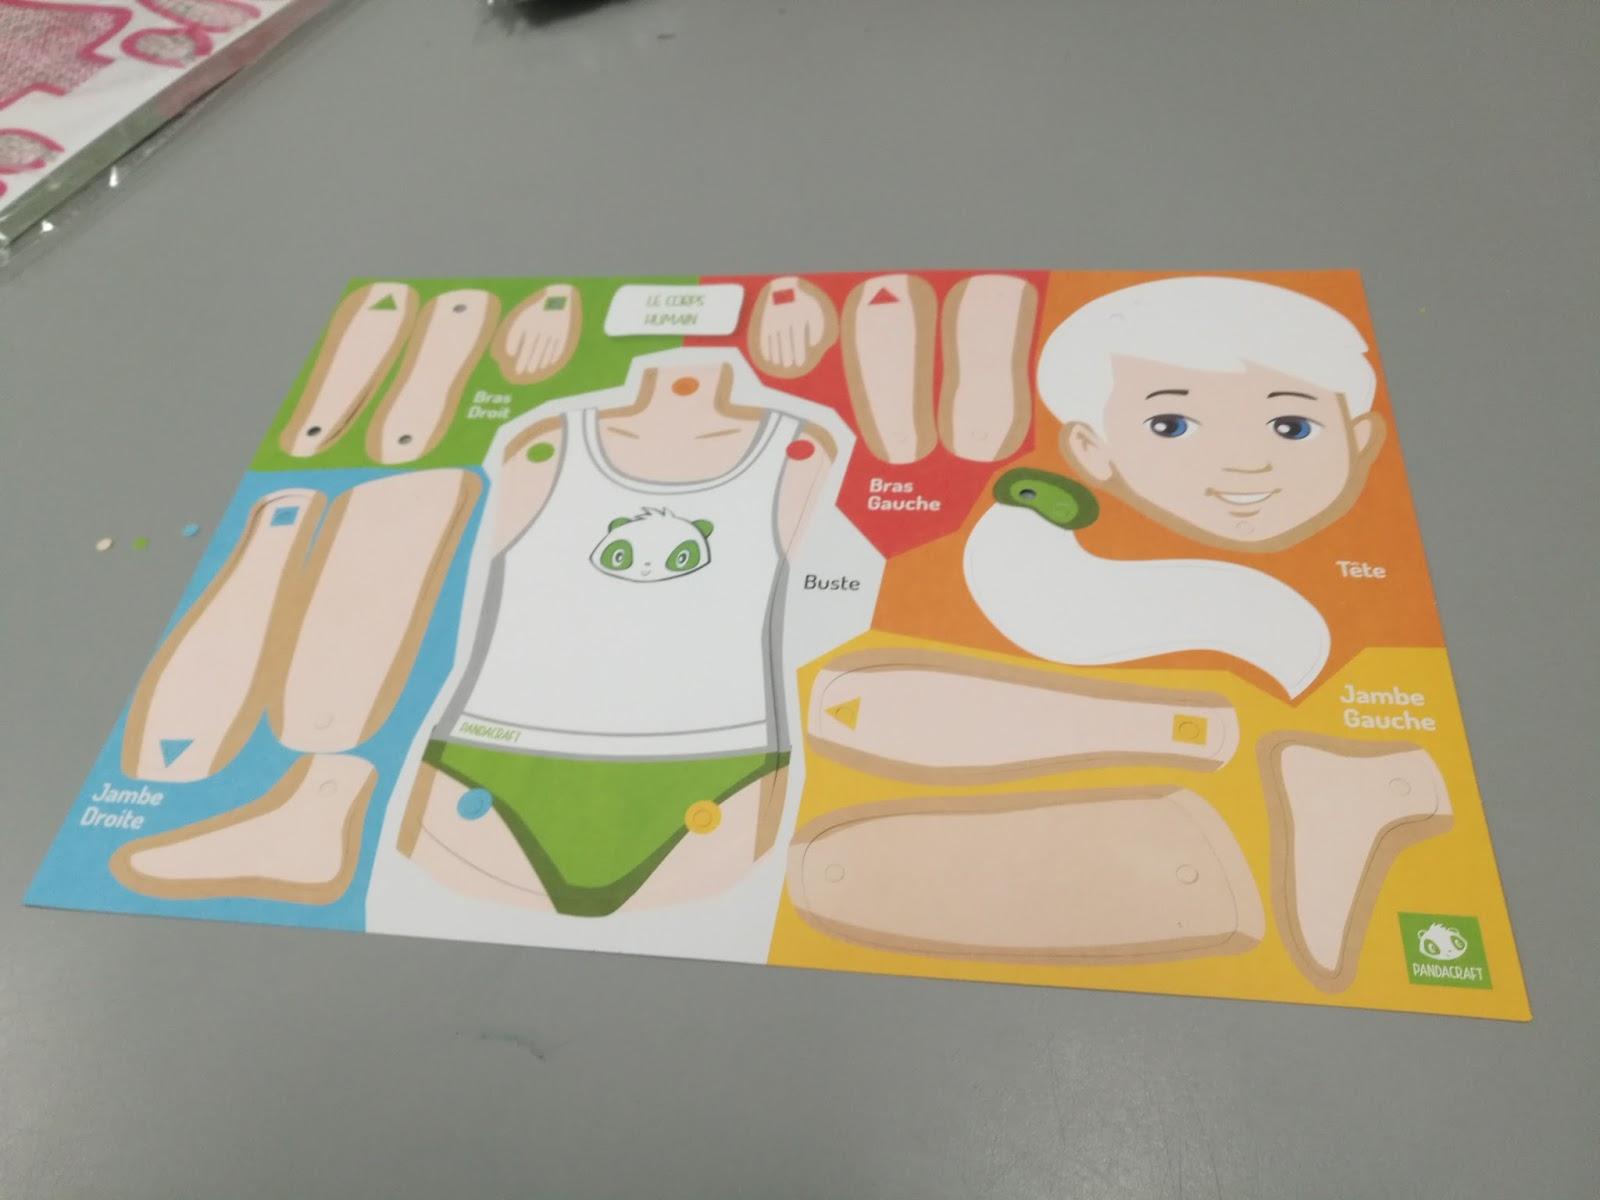 La Maternelle De Laurène: Kit Corps Humain De Chez Pandacraft concernant Le Corps Humain En Maternelle